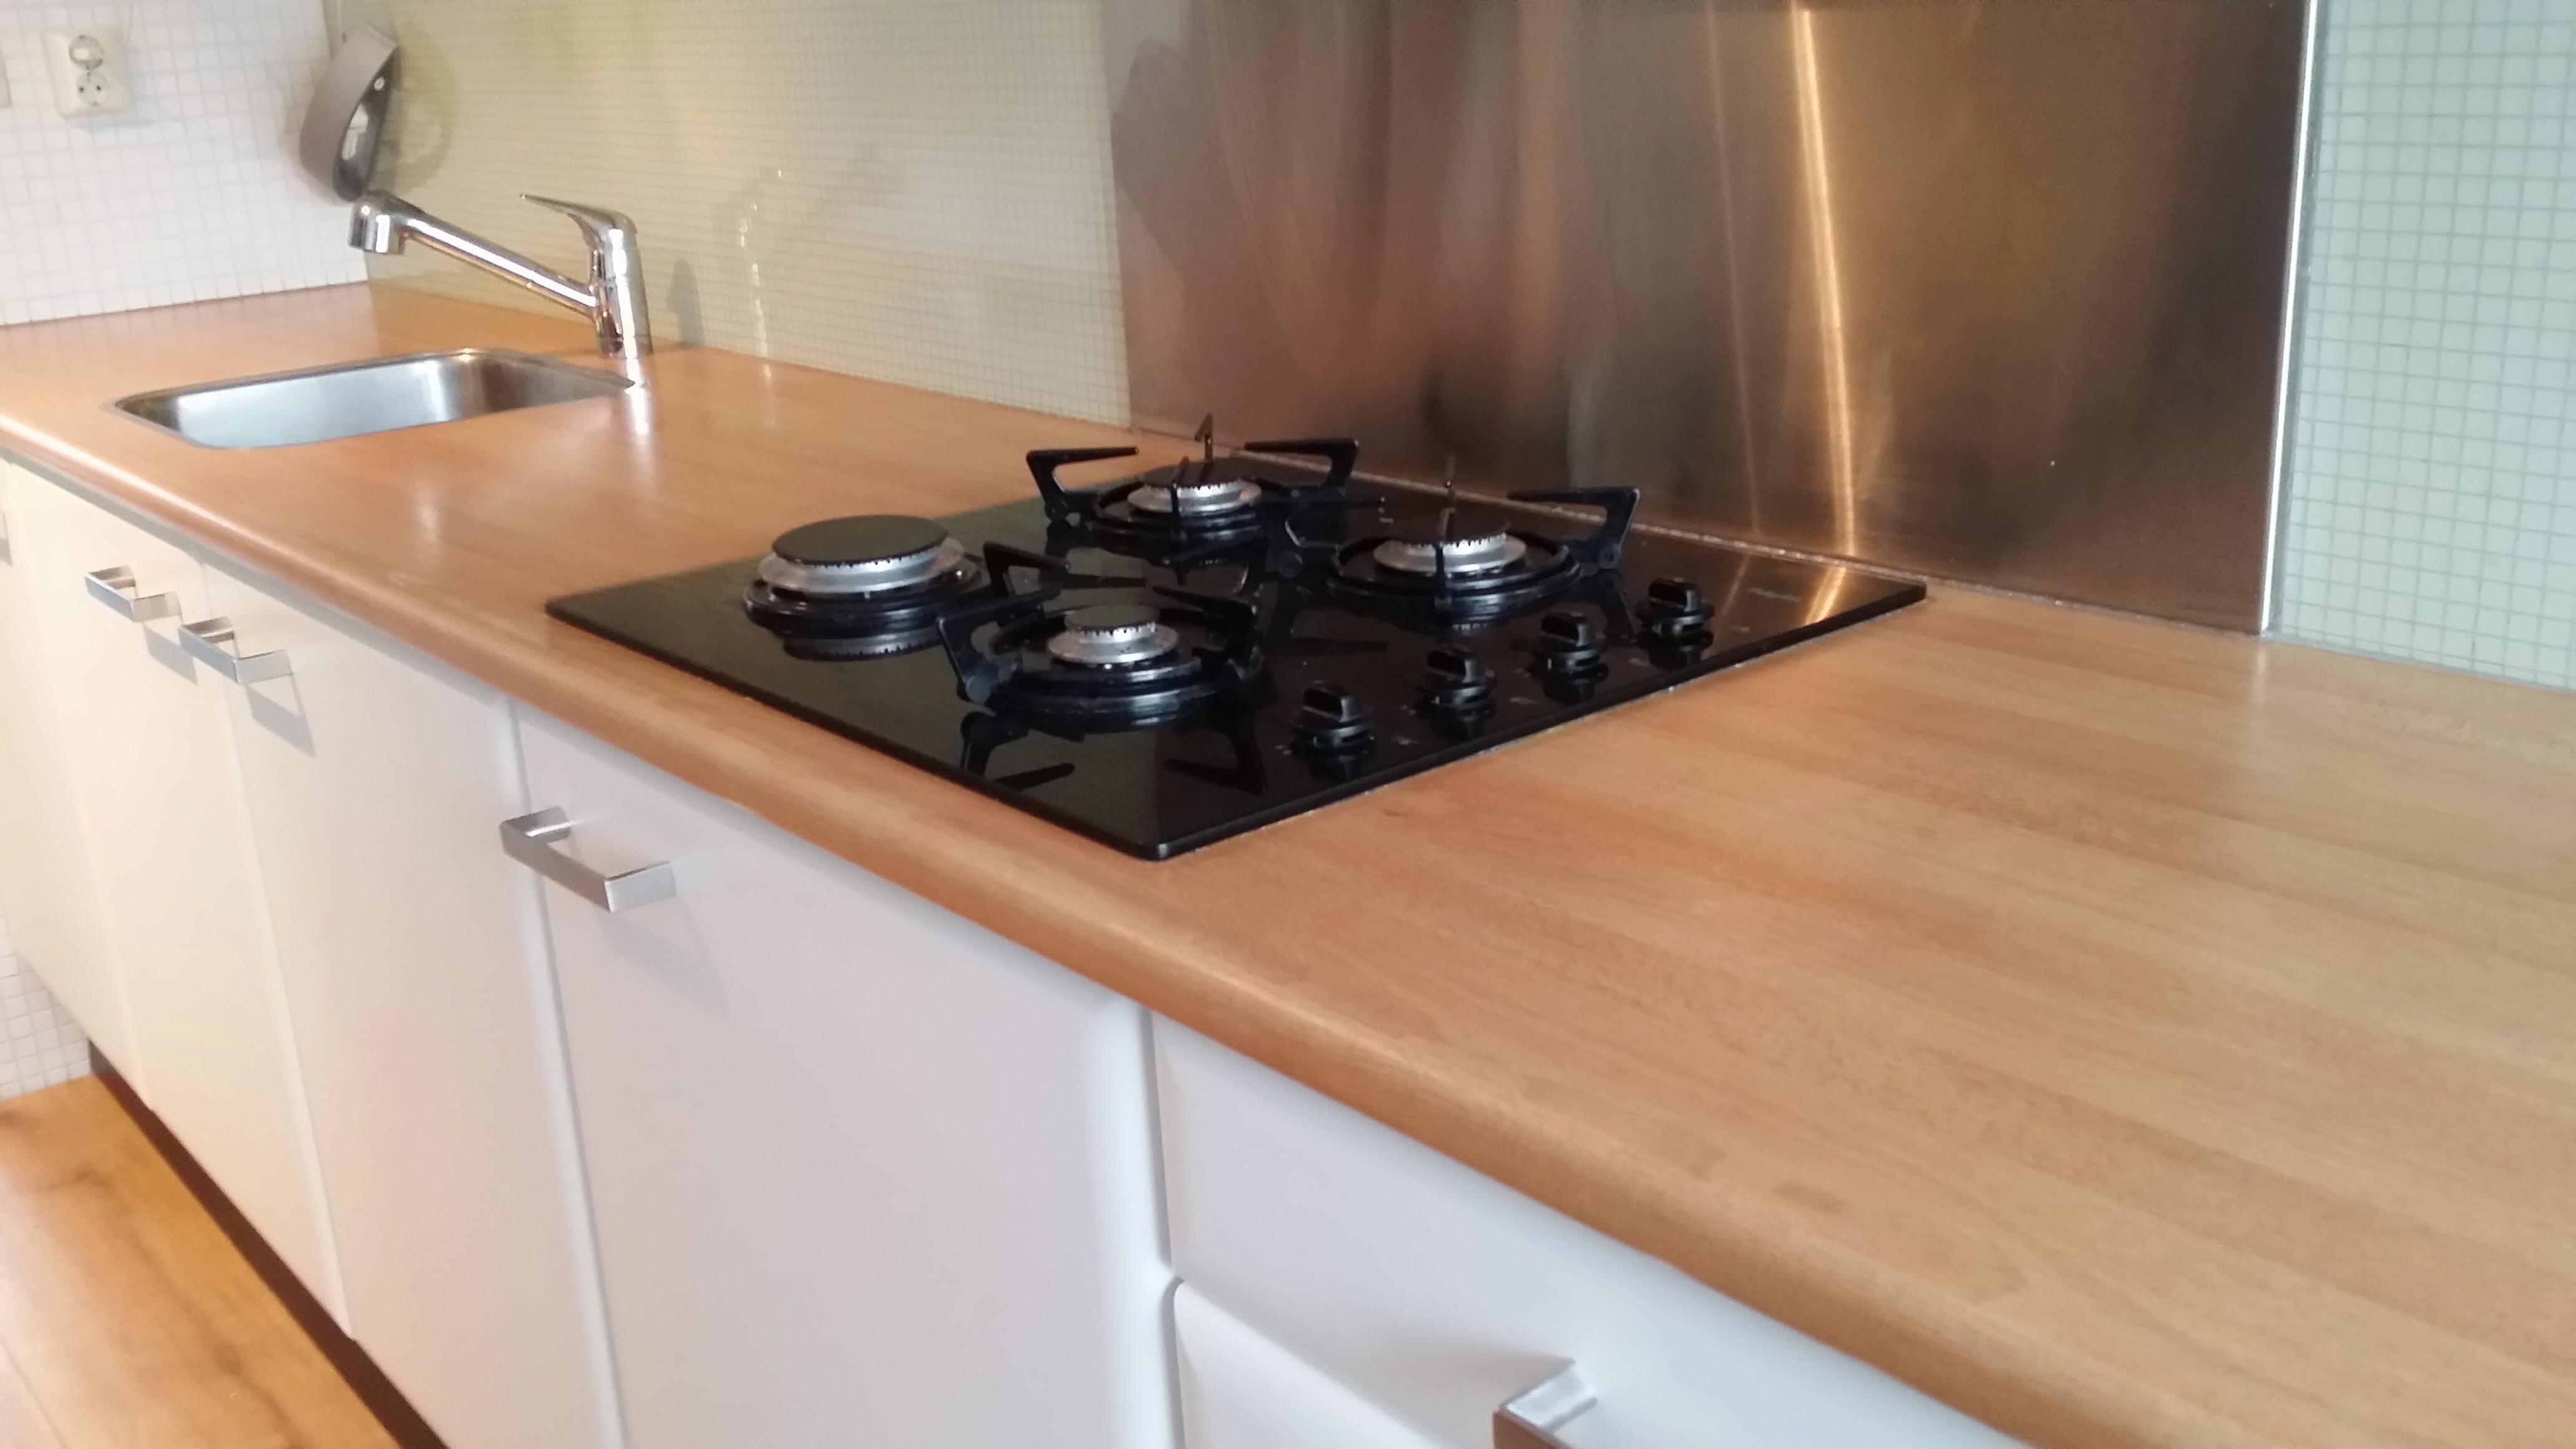 Geel De Keuken : Keuken u2013 blauw beuken naar mat wit inclusief metallic grijs